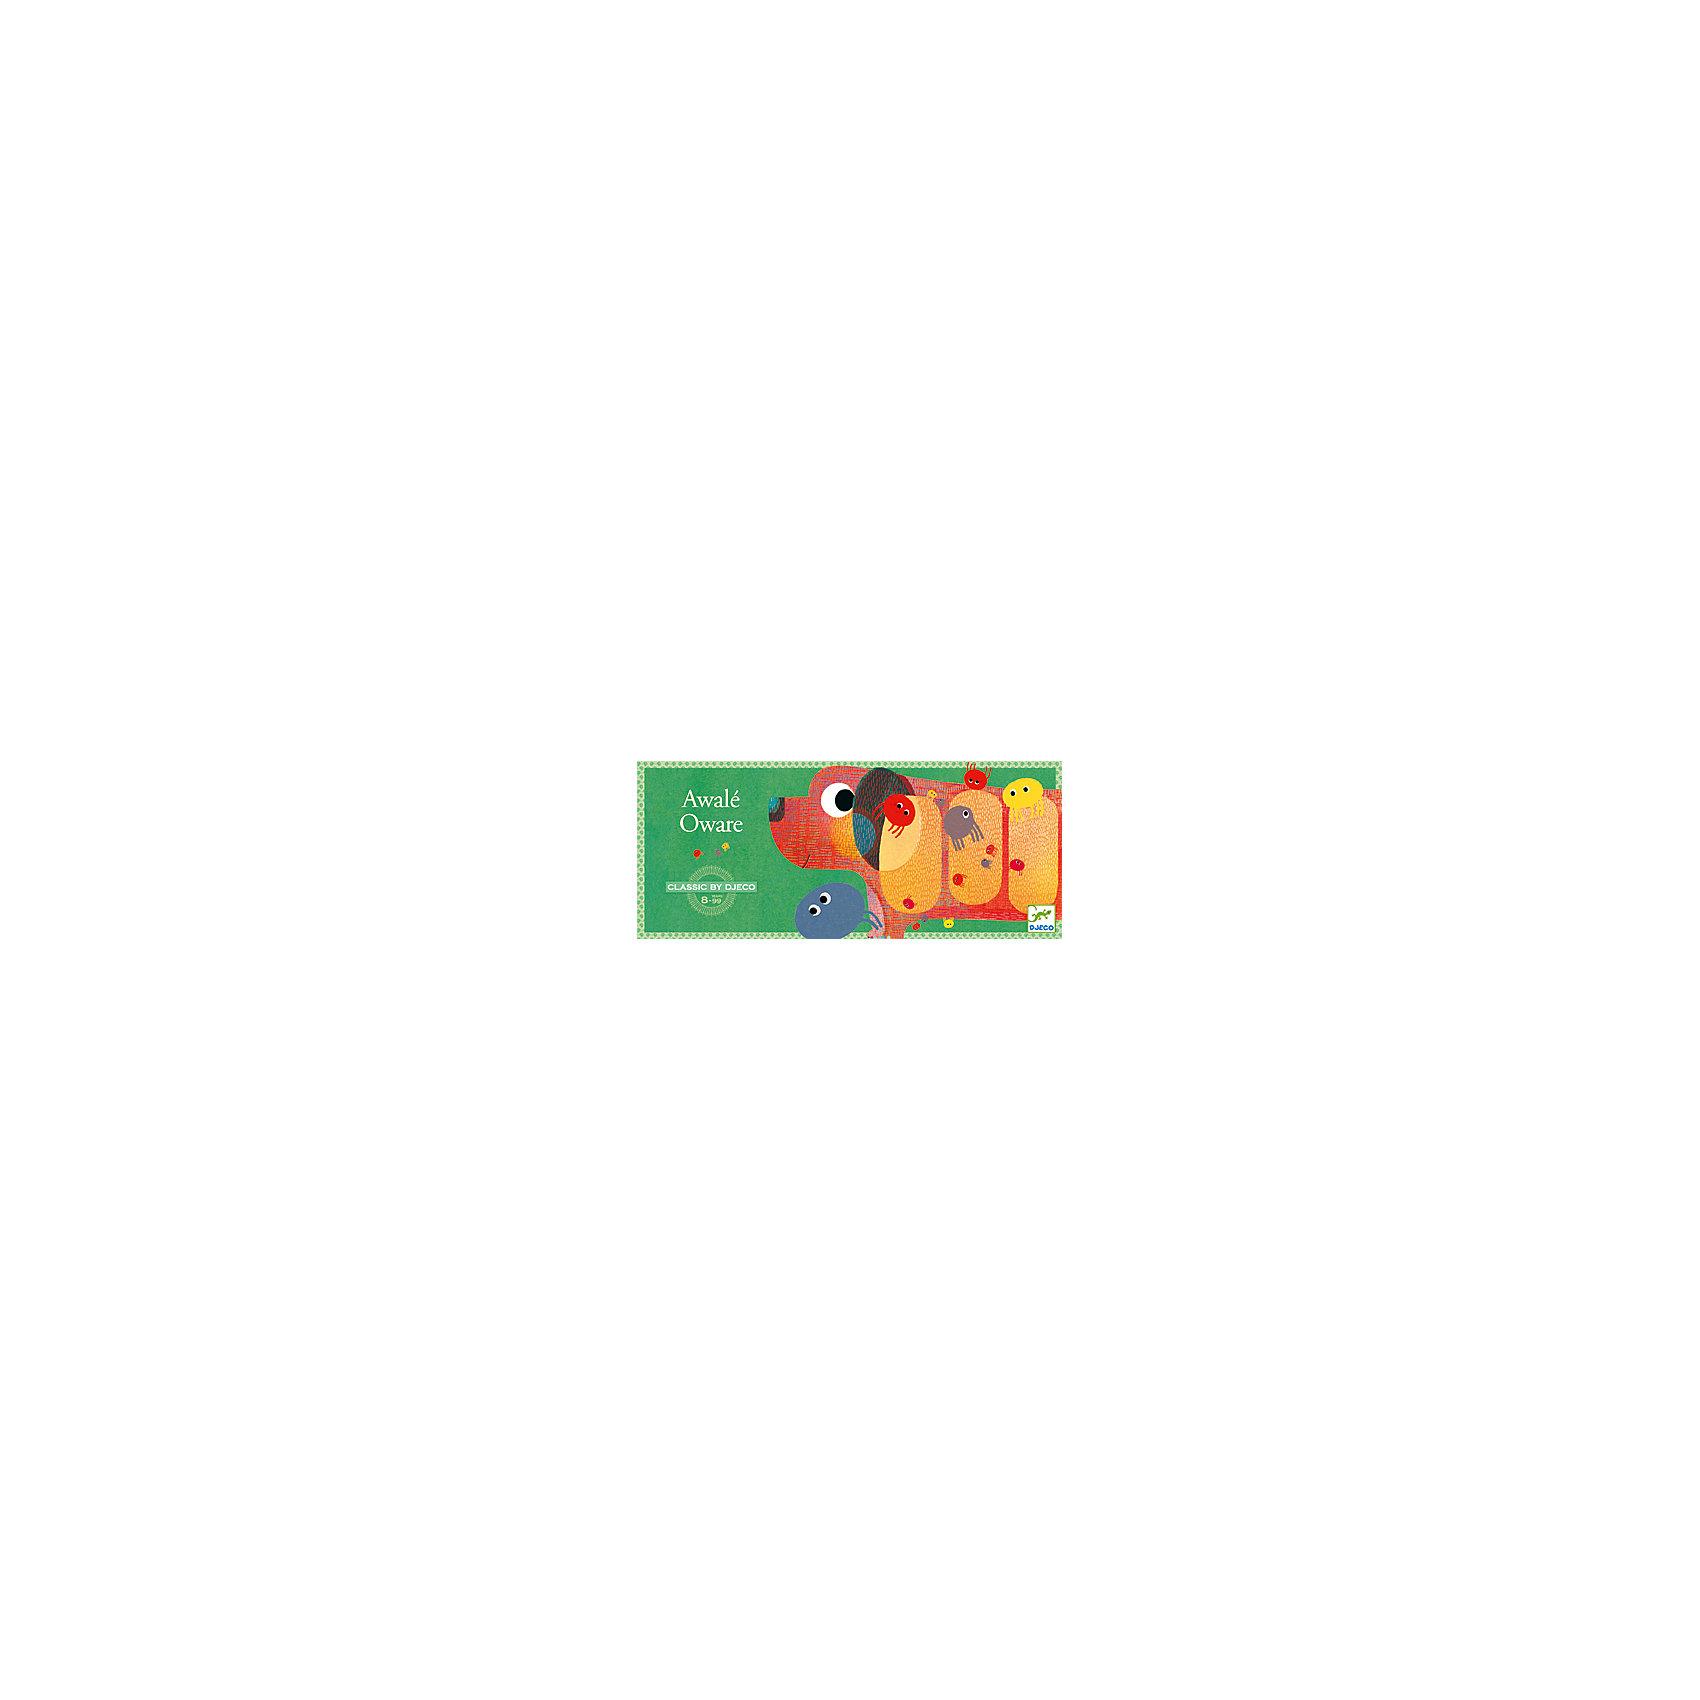 Игра Овари, DJECOНастольные игры на ловкость<br>Игра Овари, Djeco (Джеко) - одна из старейших классических игр, которая была создана в Африке и адаптирована французским производителем для детей старше 8 лет. В комплекте Вы найдете 2 игровых доски в виде собачек и 50 деревянных блошек. Игра рассчитана на двух игроков. Цель игры состоит в том, чтобы, заполнить собачку наибольшим количеством блох. Игроки по очереди делают ходы, перемещая фишки в соответствии с правилами. Все детали изготовлены из высококачественных материалов: доски - из плотного многослойного картона, блошки - из дерева. Игра прекрасно развивает логическое мышление, внимательность и усидчивость. <br><br>Дополнительная информация:<br><br>- В комплекте: 2 игровых доски в виде собачек, 50 деревянных блошек.<br>- Материал: многослойный картон, дерево.<br>- Длина доски-собачки: 40 см.<br>- Размер упаковки: 41 x 14,5 x 0,5 см.<br><br>Игру Овари, Djeco (Джеко), можно купить в нашем магазине.<br><br>Ширина мм: 40<br>Глубина мм: 420<br>Высота мм: 160<br>Вес г: 650<br>Возраст от месяцев: 96<br>Возраст до месяцев: 132<br>Пол: Унисекс<br>Возраст: Детский<br>SKU: 4566286